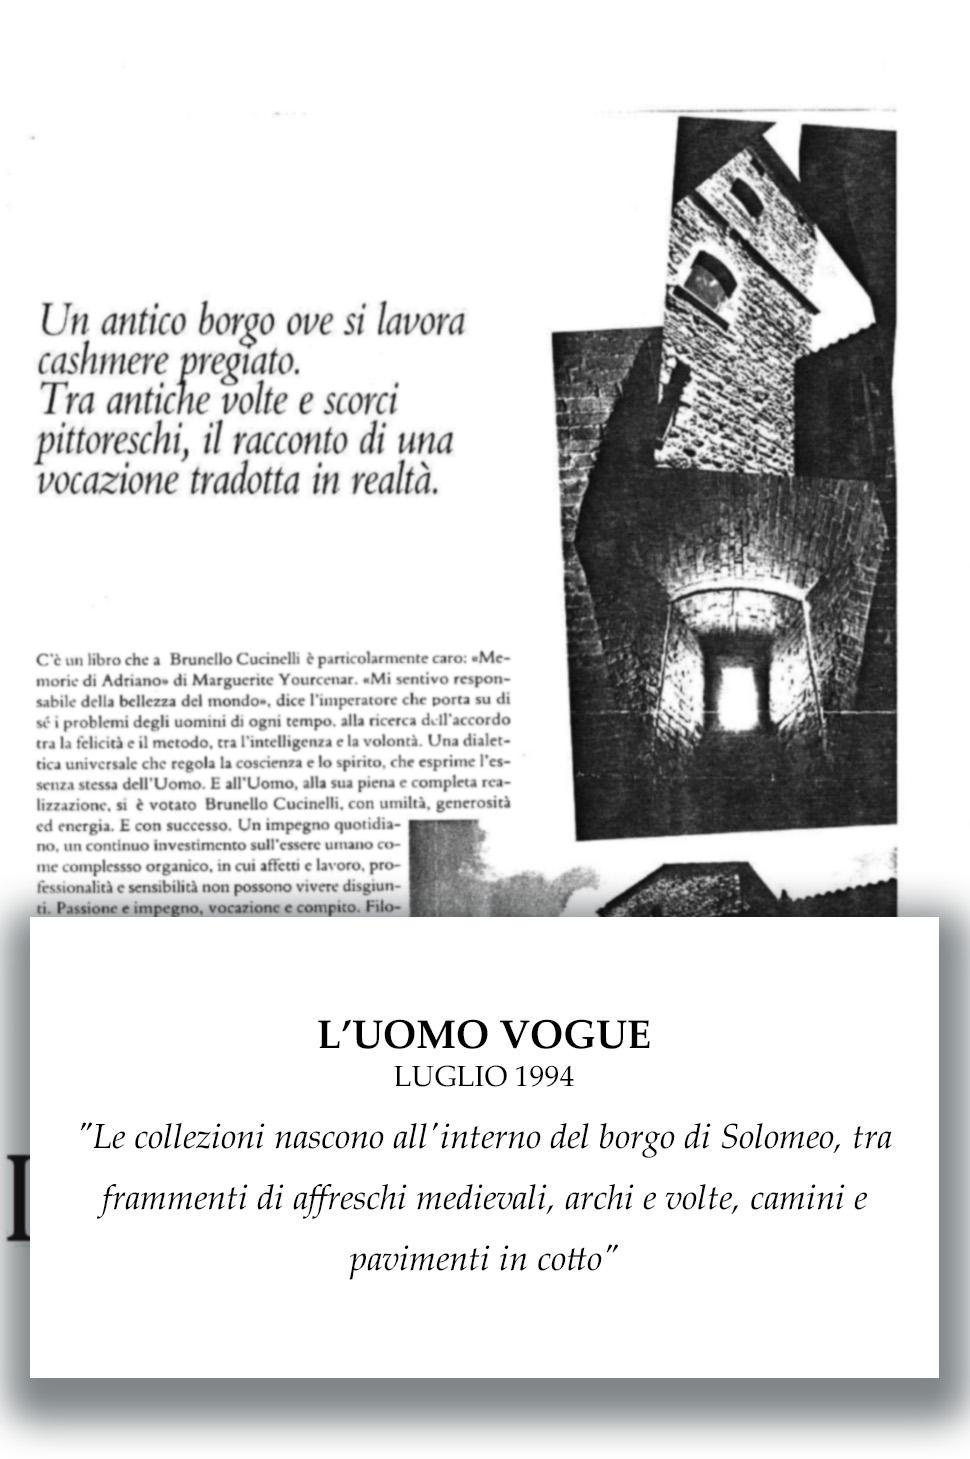 1994 L'Uomo Vogue